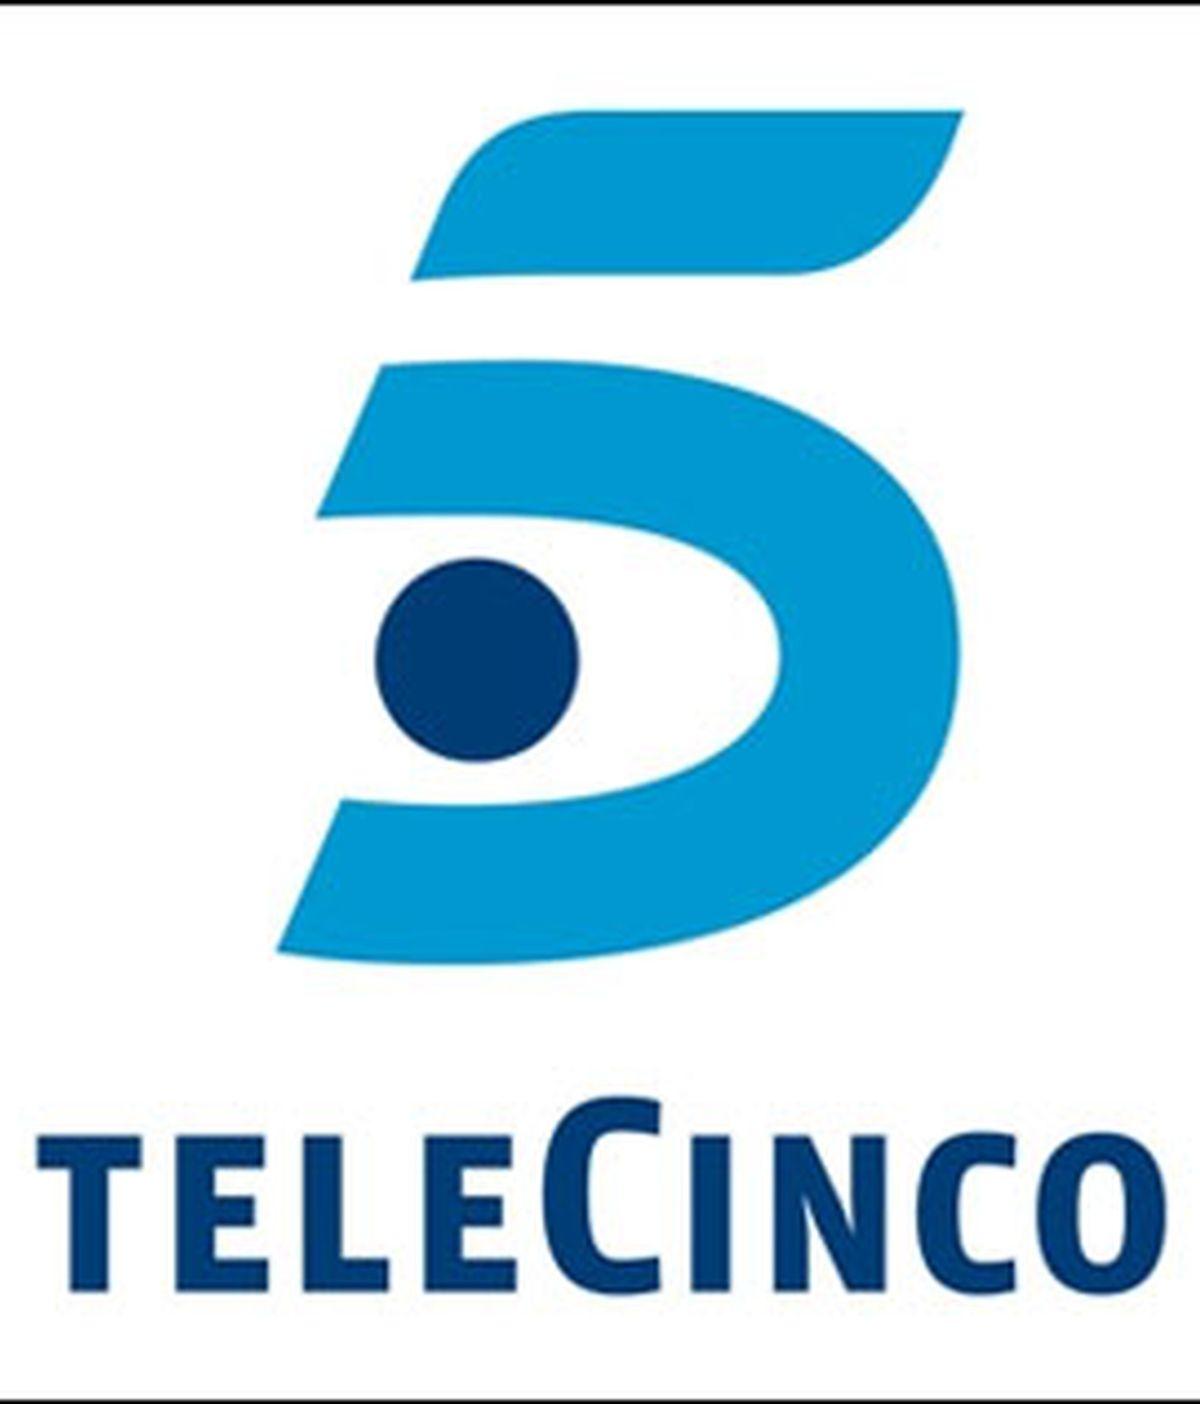 La gestión de Telecinco hace frente a la crisis con un beneficio neto de 62,16 millones. Foto: Telecinco.